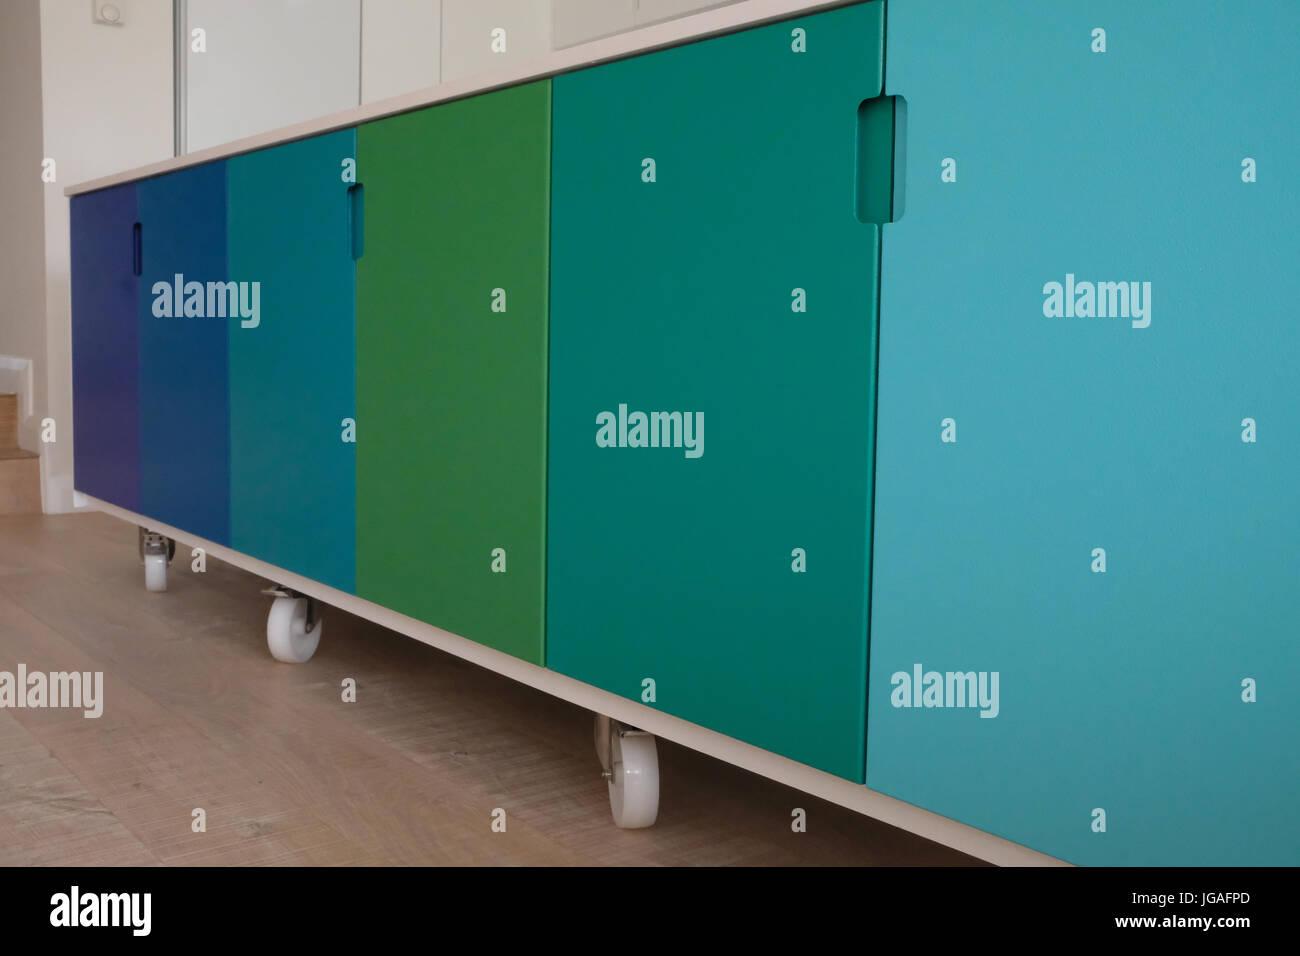 Bewegliche Küche Insel auf Rollen Stockfoto, Bild: 147749349 - Alamy